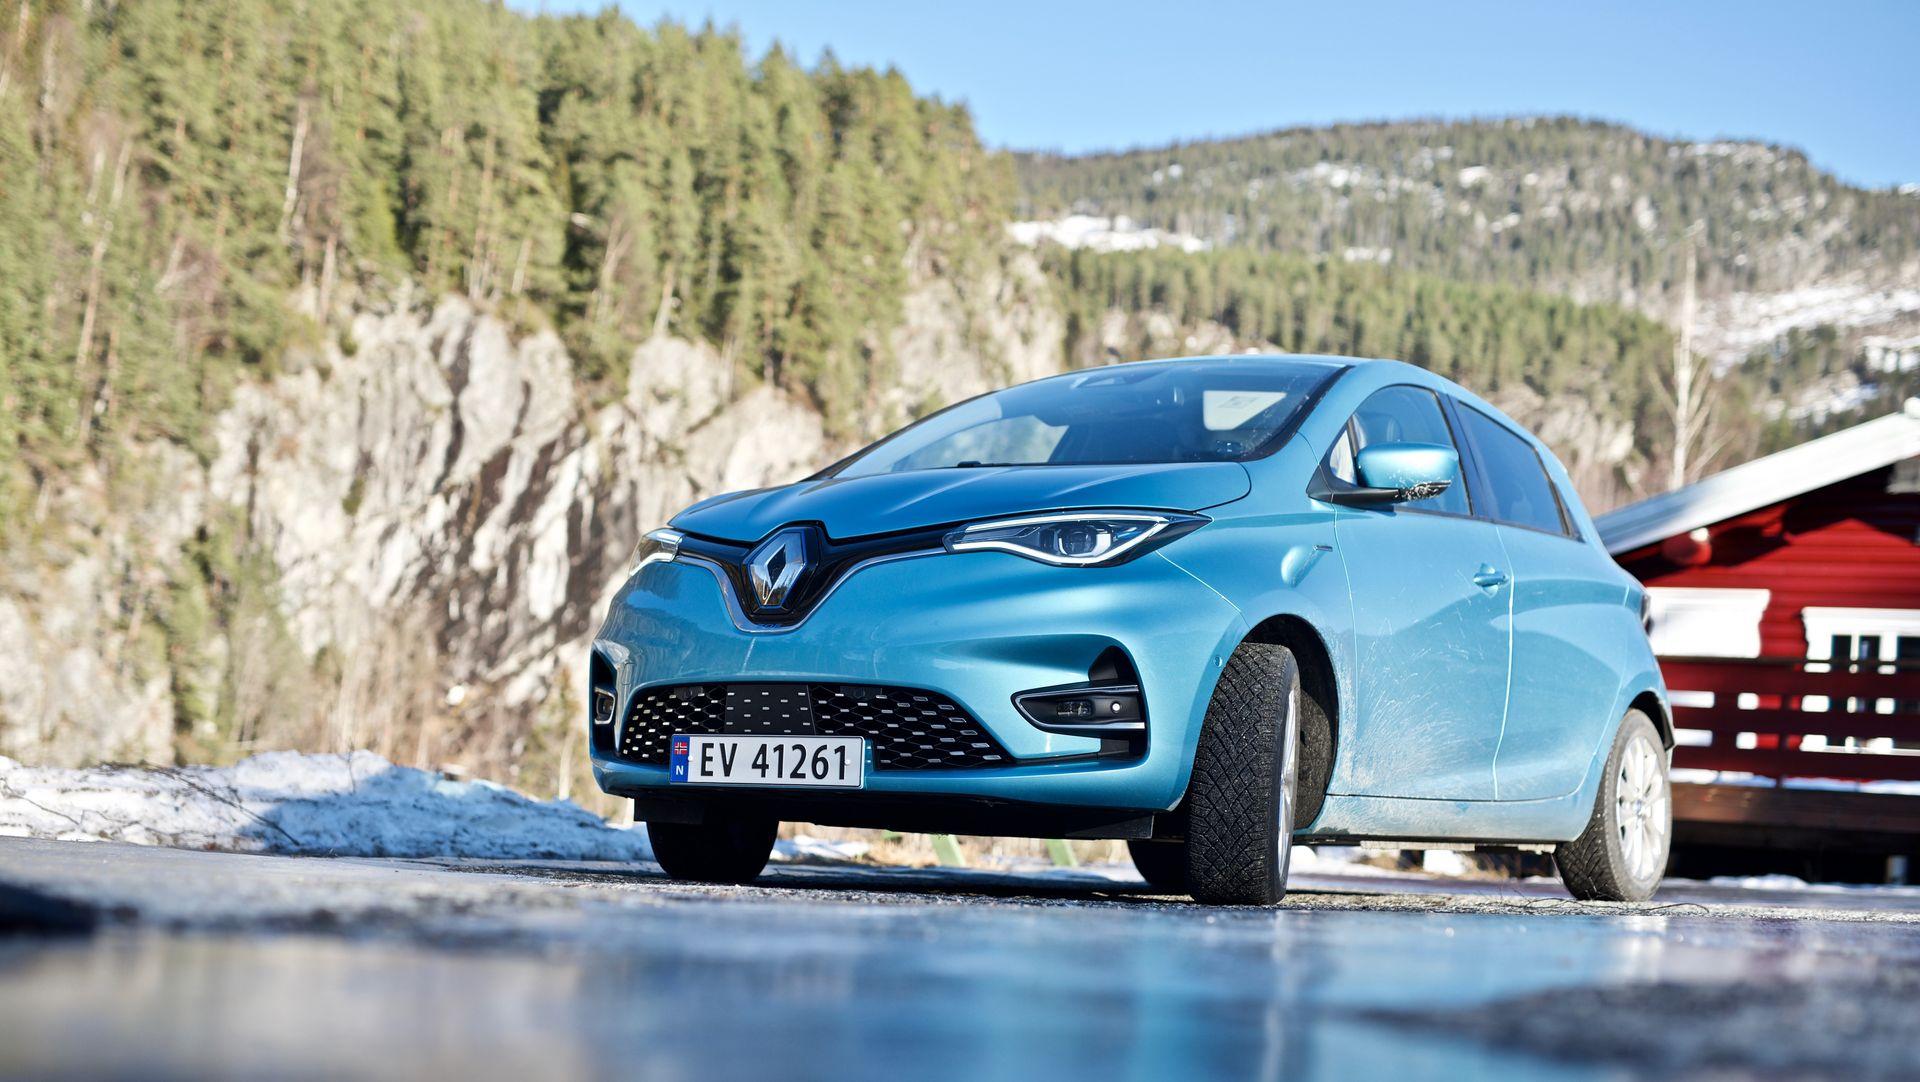 Renault Zoe ZE50 er en spennende bil som kan fungere som en familiebil så lenge man er villig til å tilpasse seg.